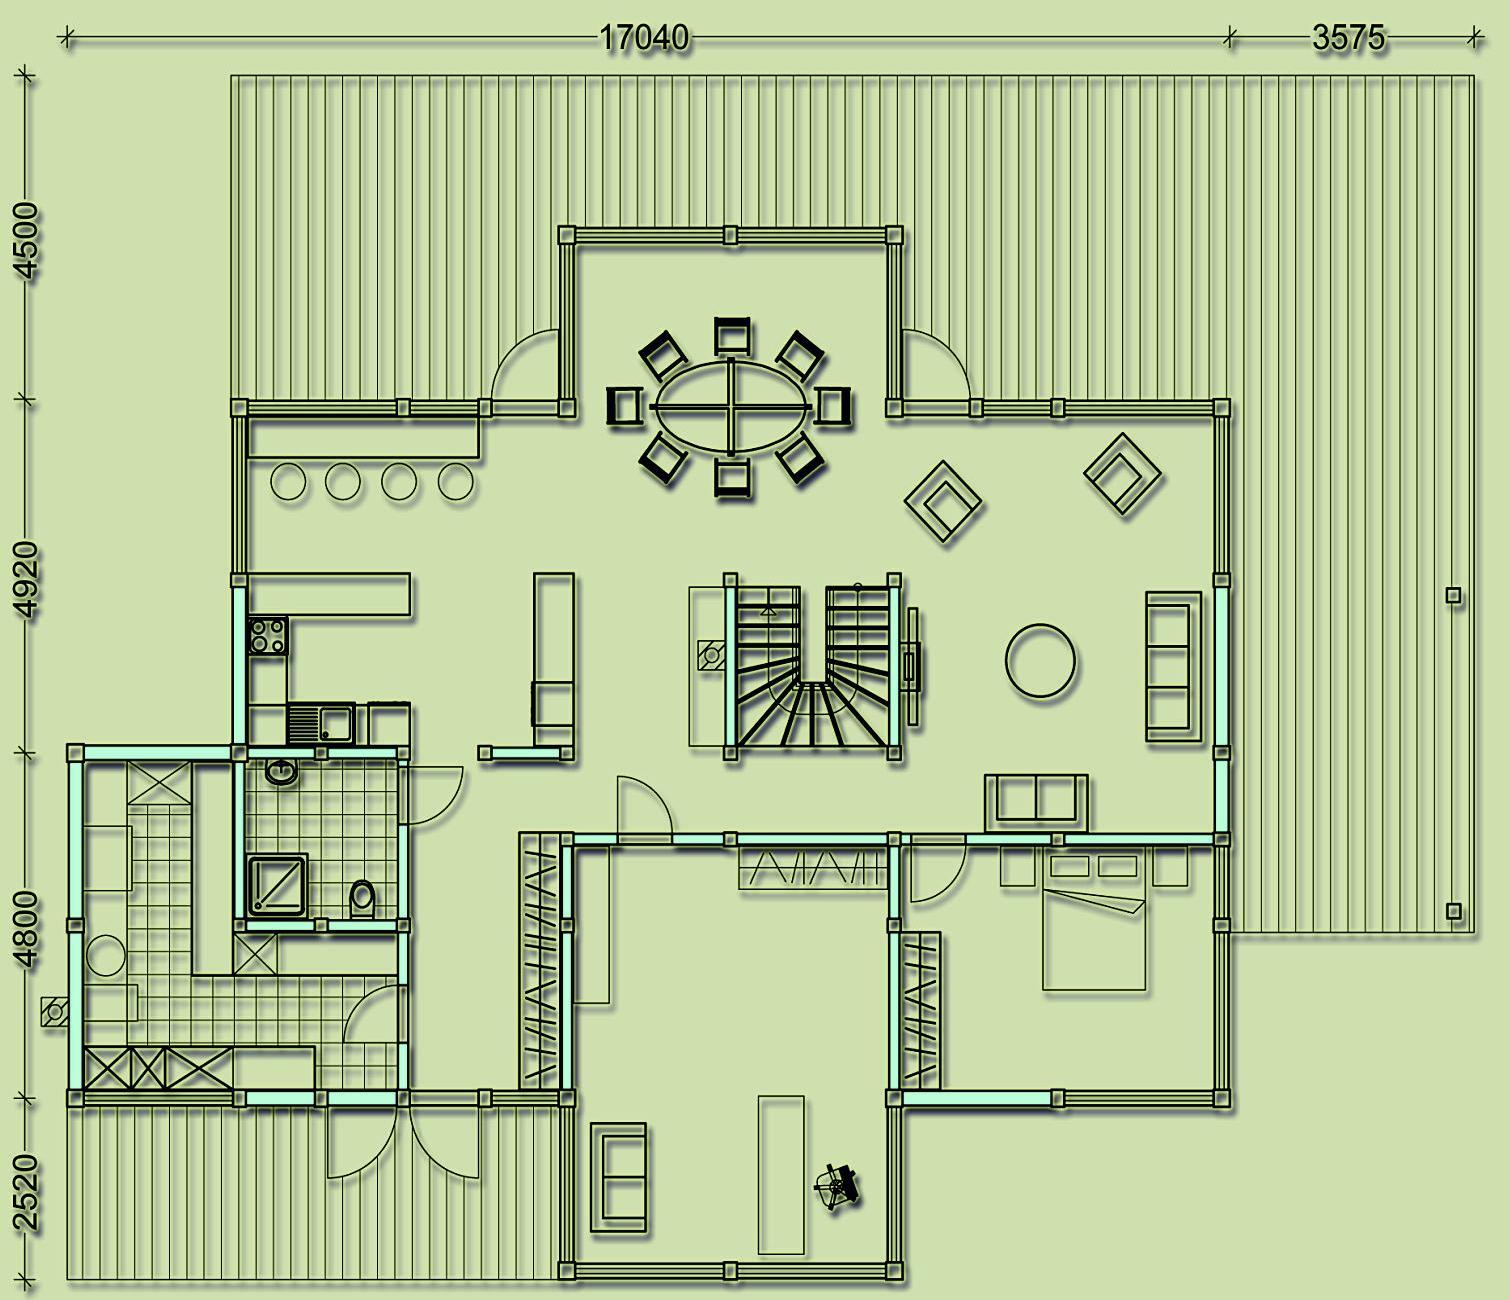 первый этаж фахверкового дома общей площадью 360кв.м